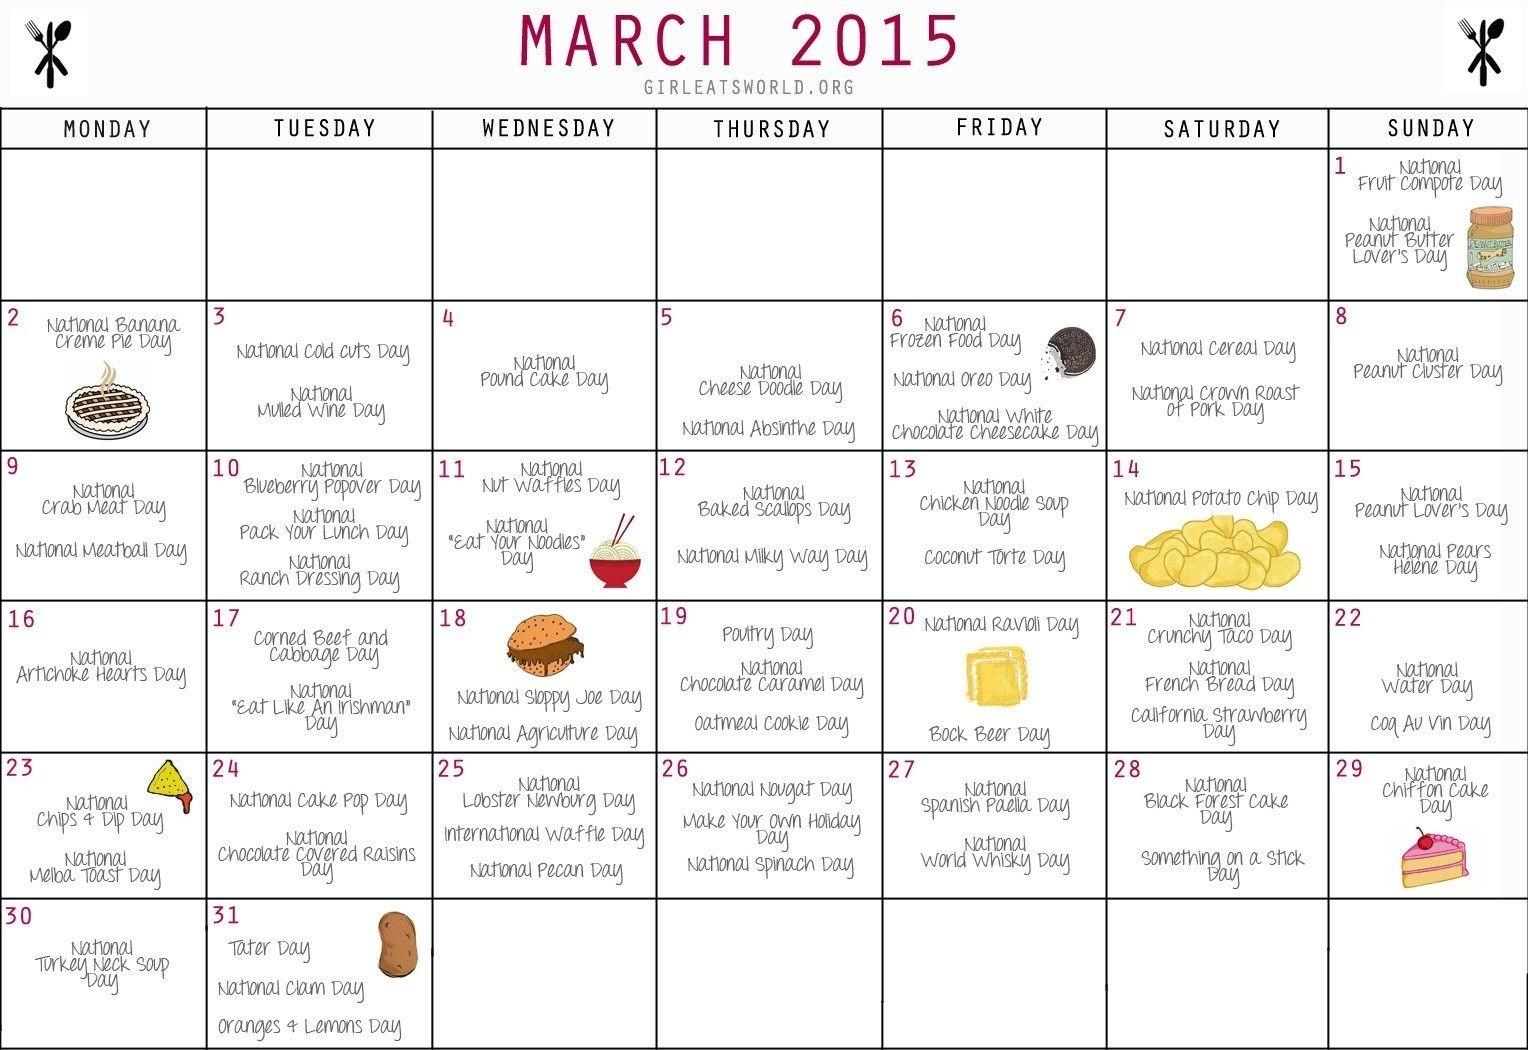 Fun National Food Day Calendar October 2018   Calendar-Calendar Of National Food Holidays